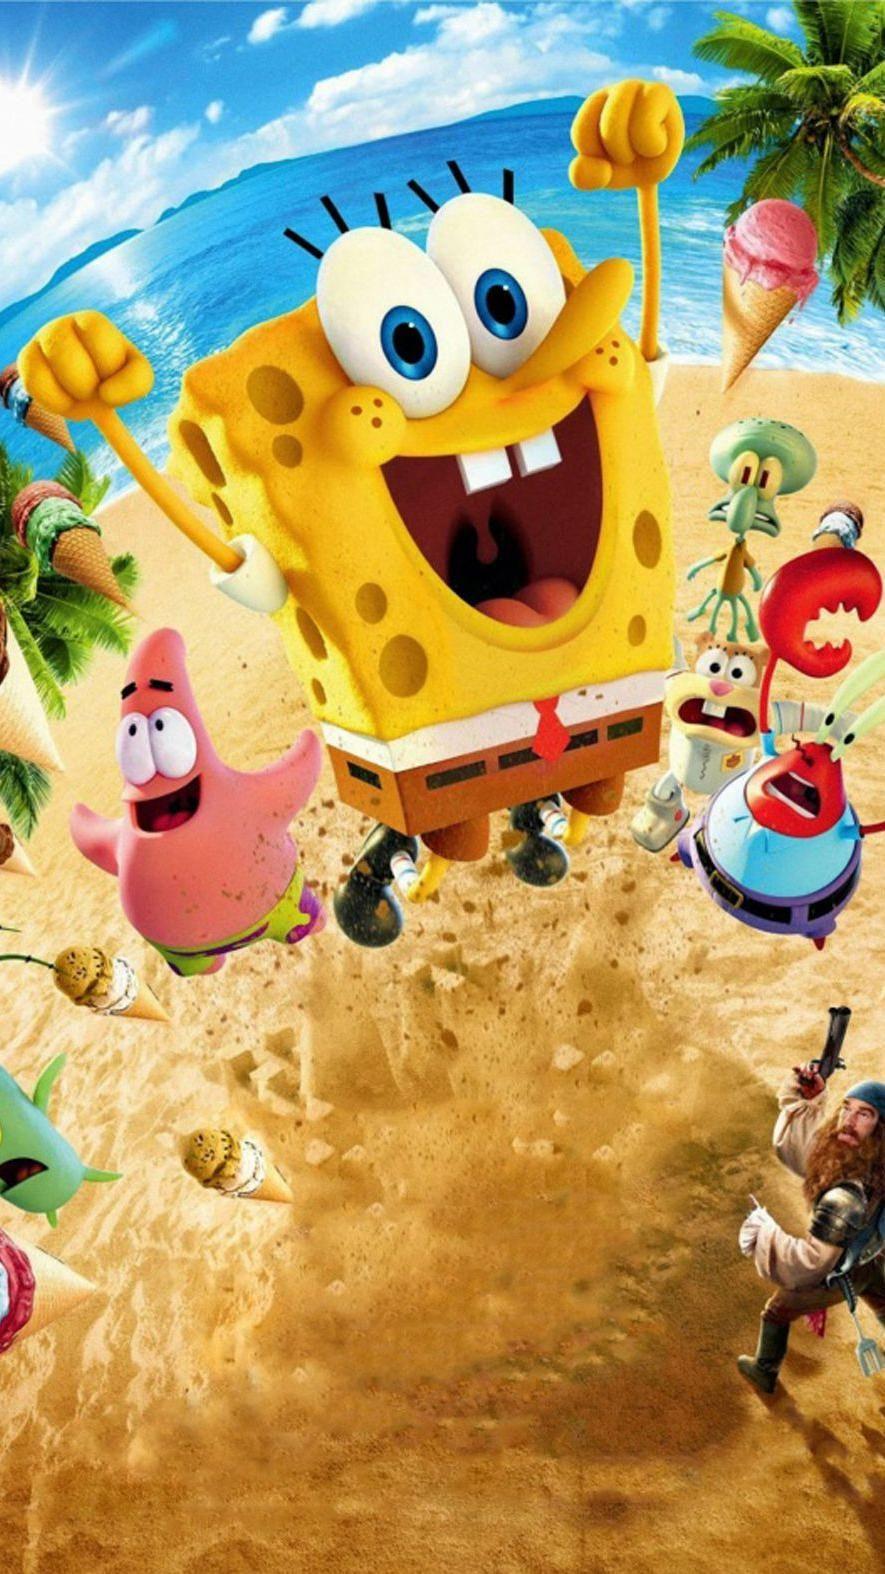 Spongebob Squarepants Mobile Wallpaper 4k